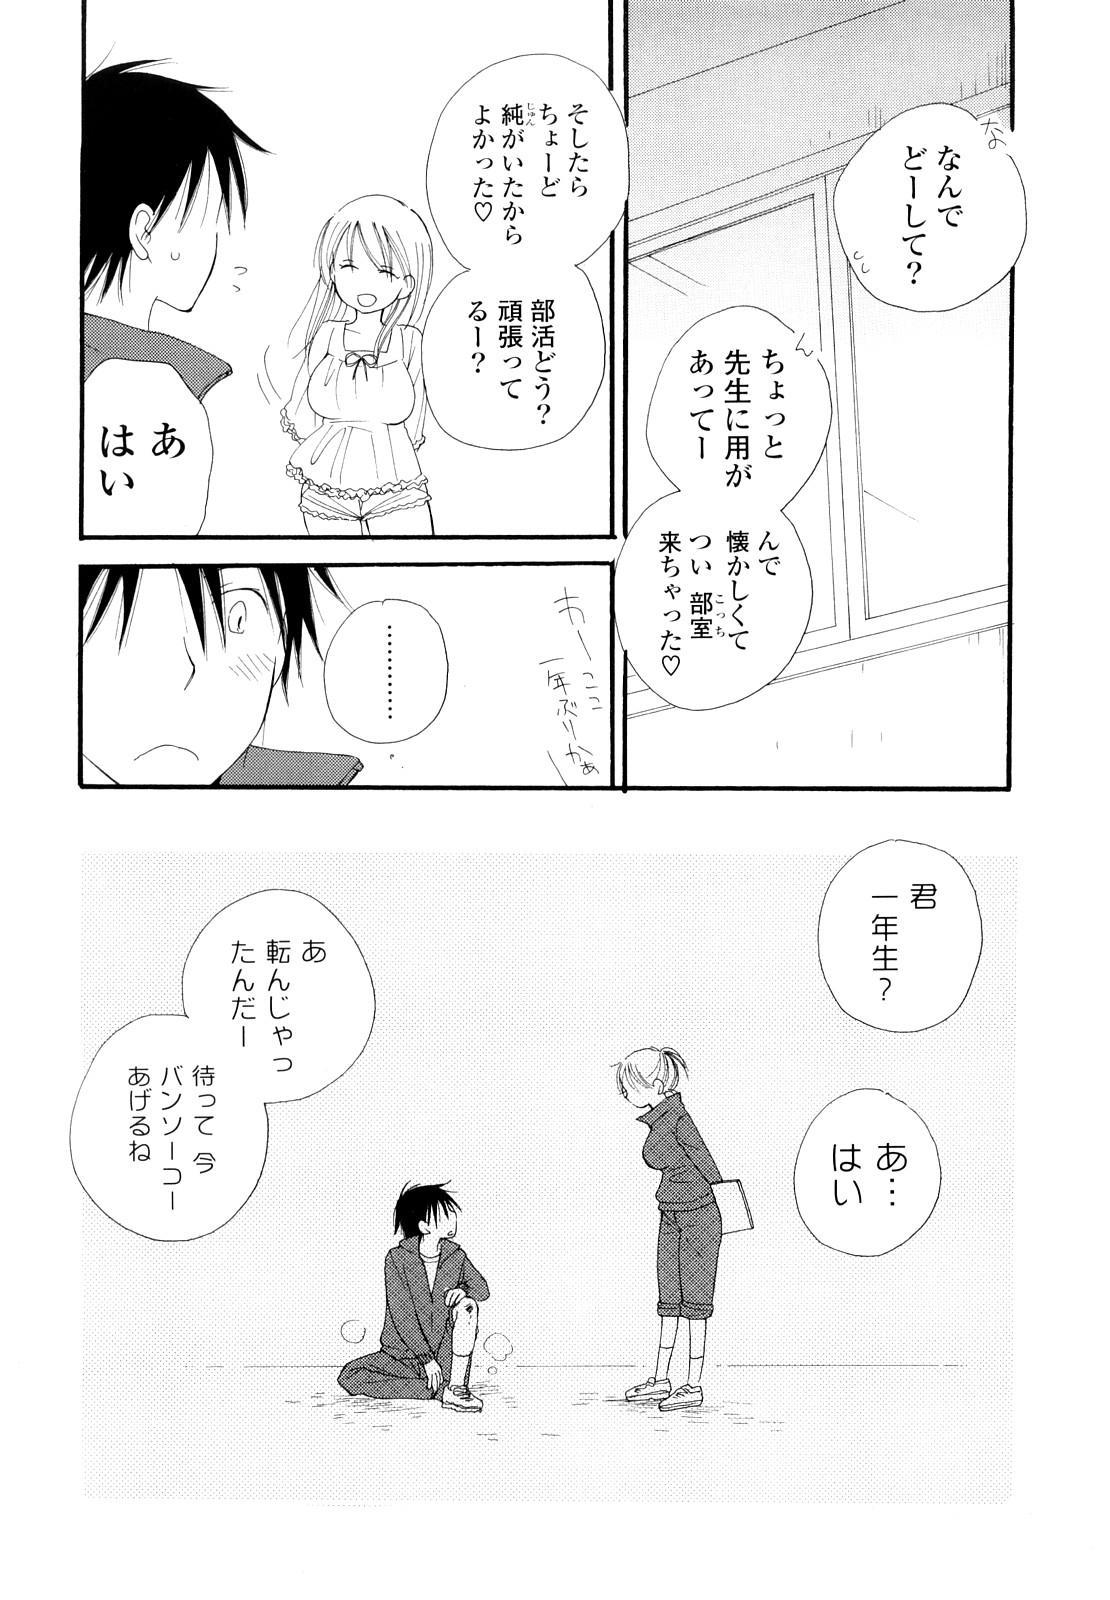 Houkago Nyan Nyan 161